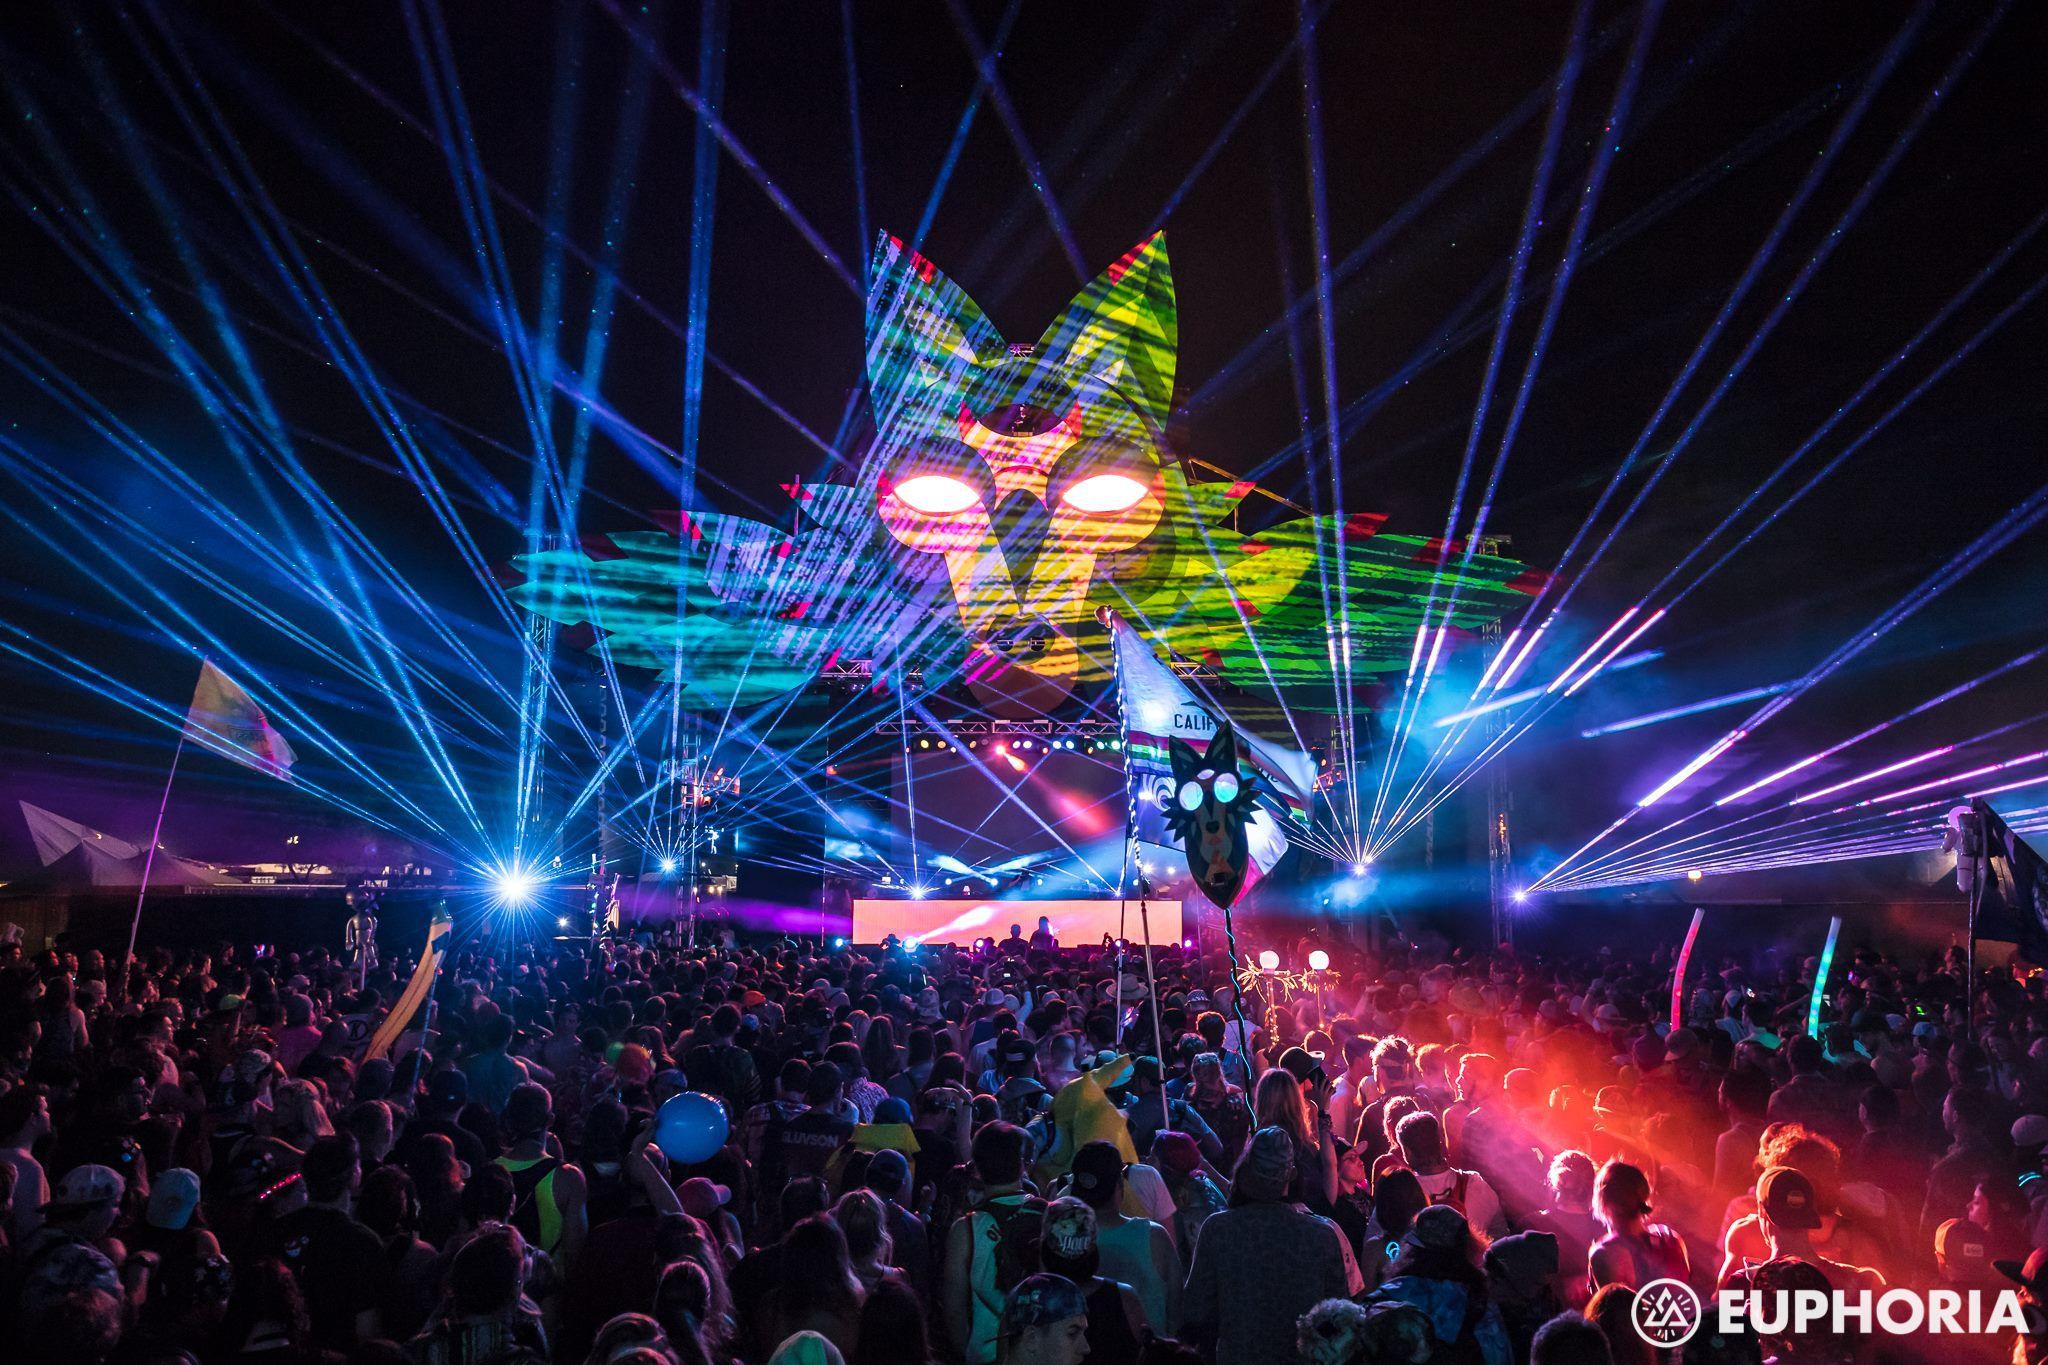 Euphoria - Music Festivals in Texas 2020